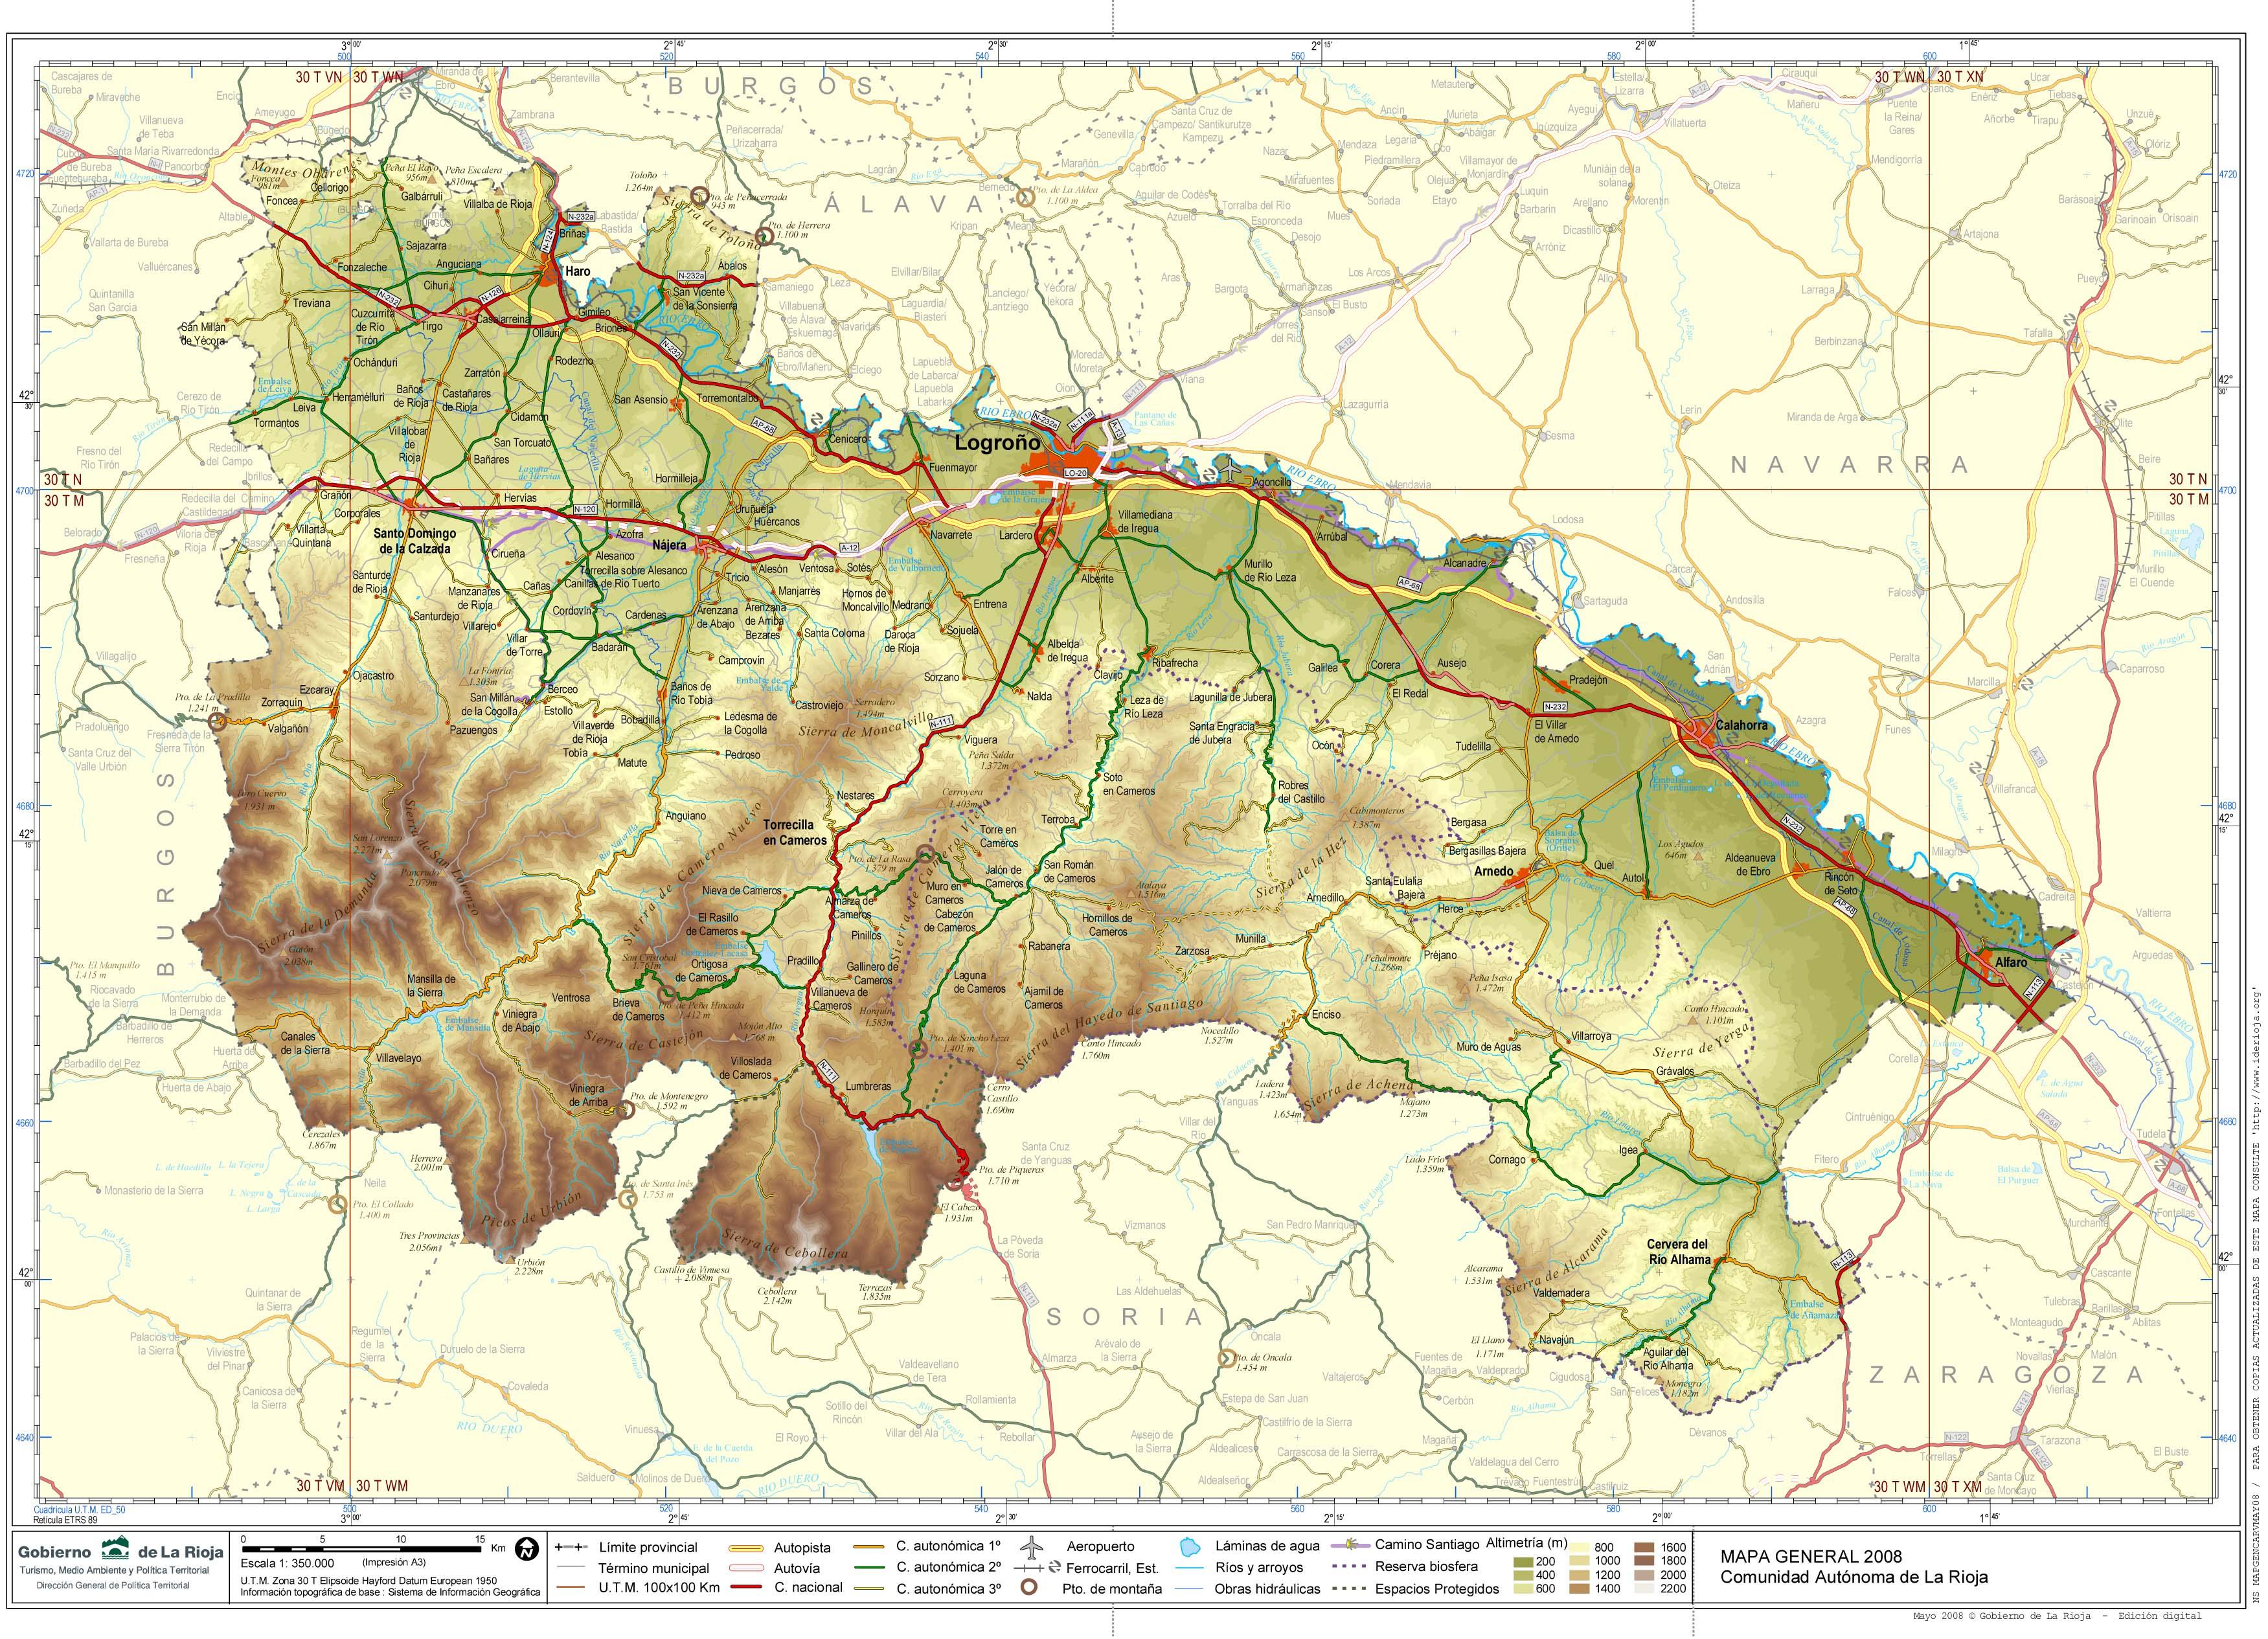 Mapa de La Rioja 2008